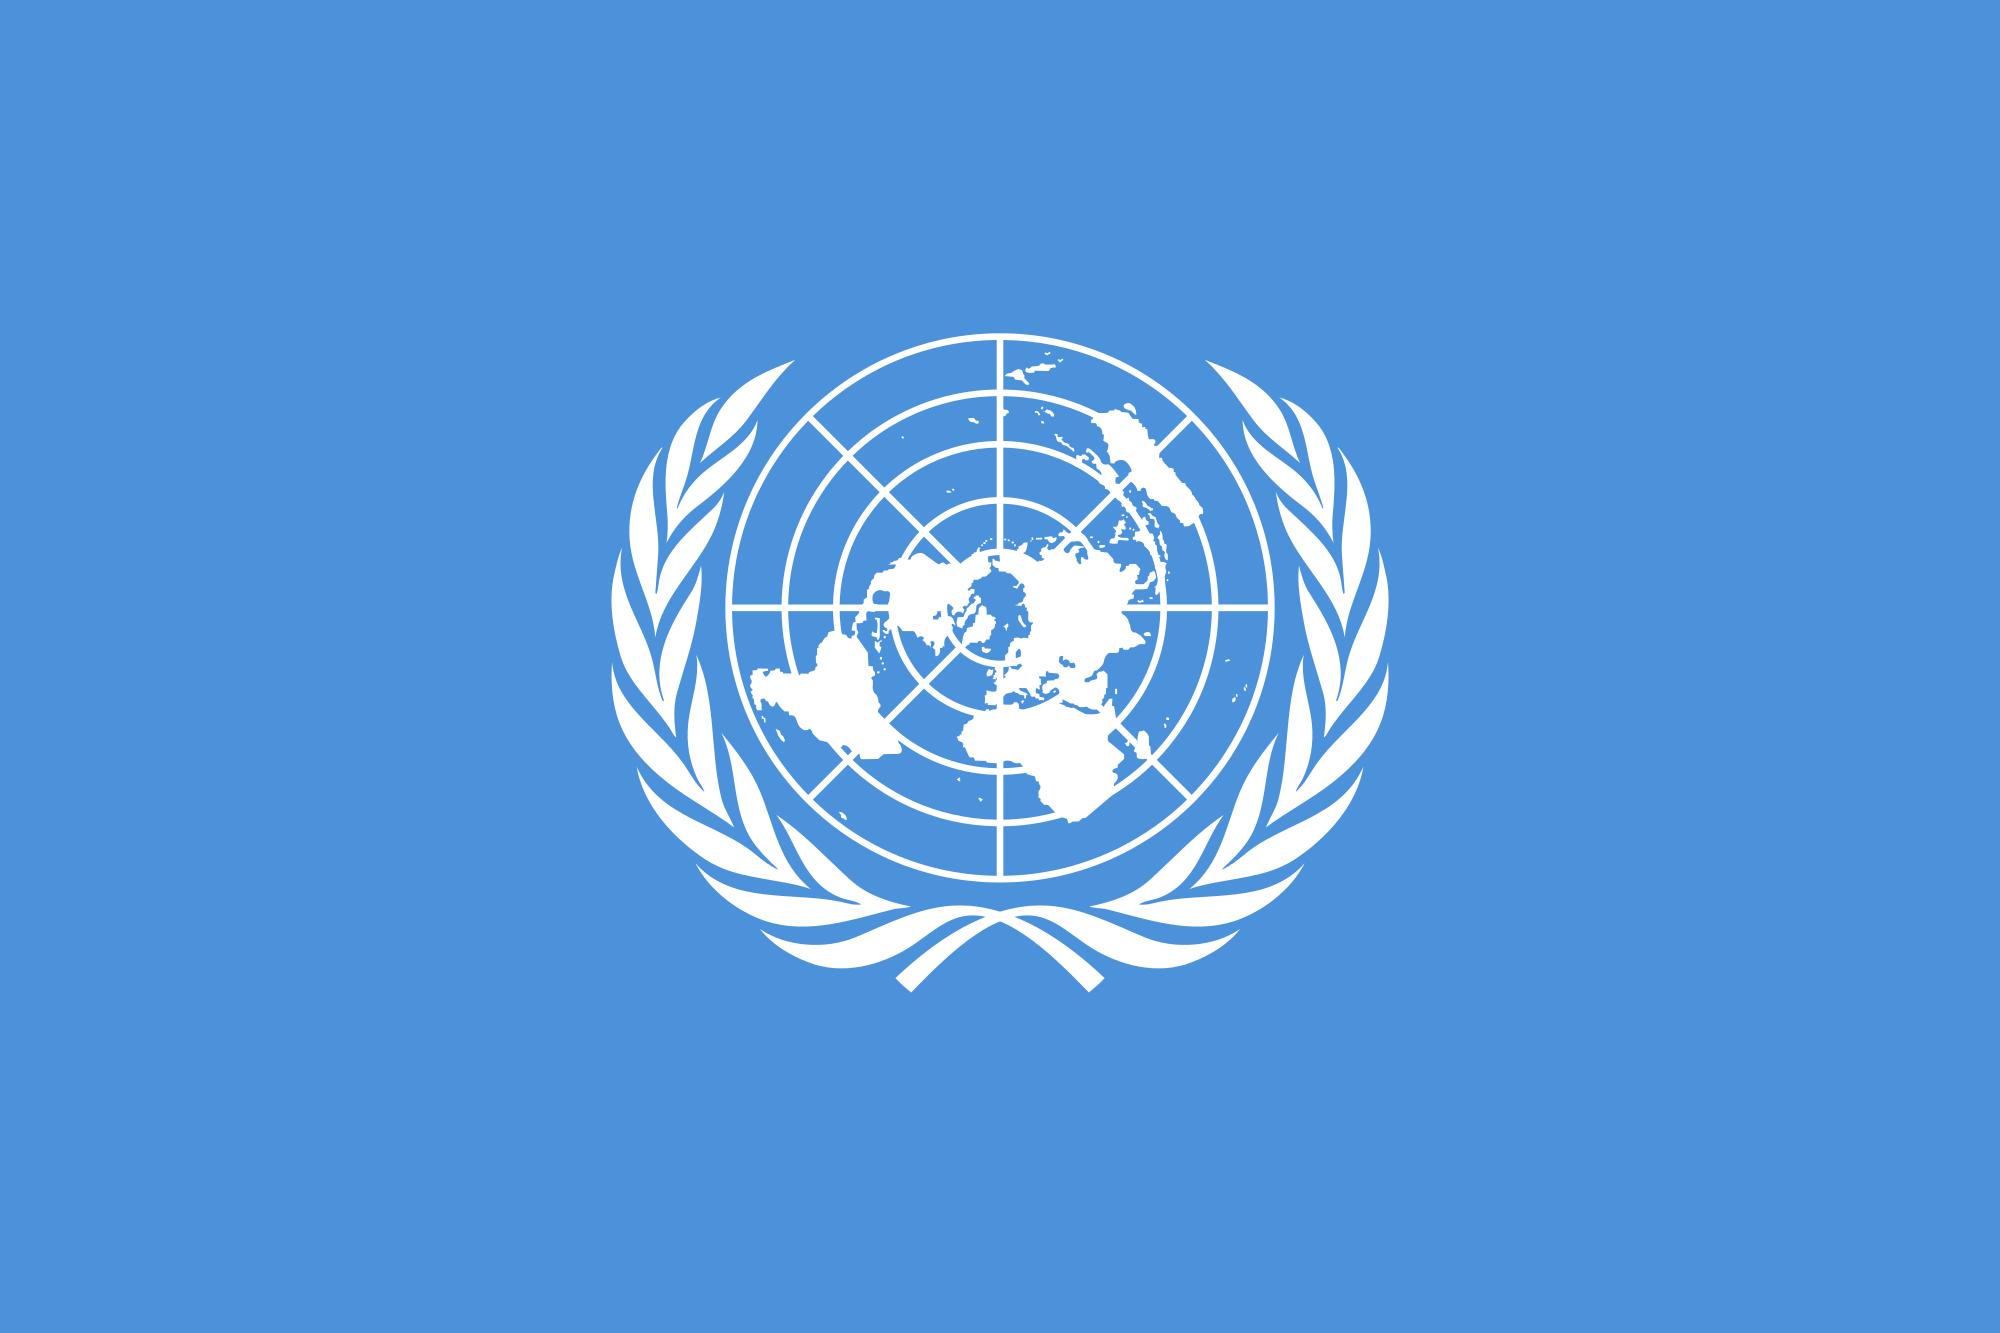 الأمم المتحدة قد تقودها أمراة كأمين عام